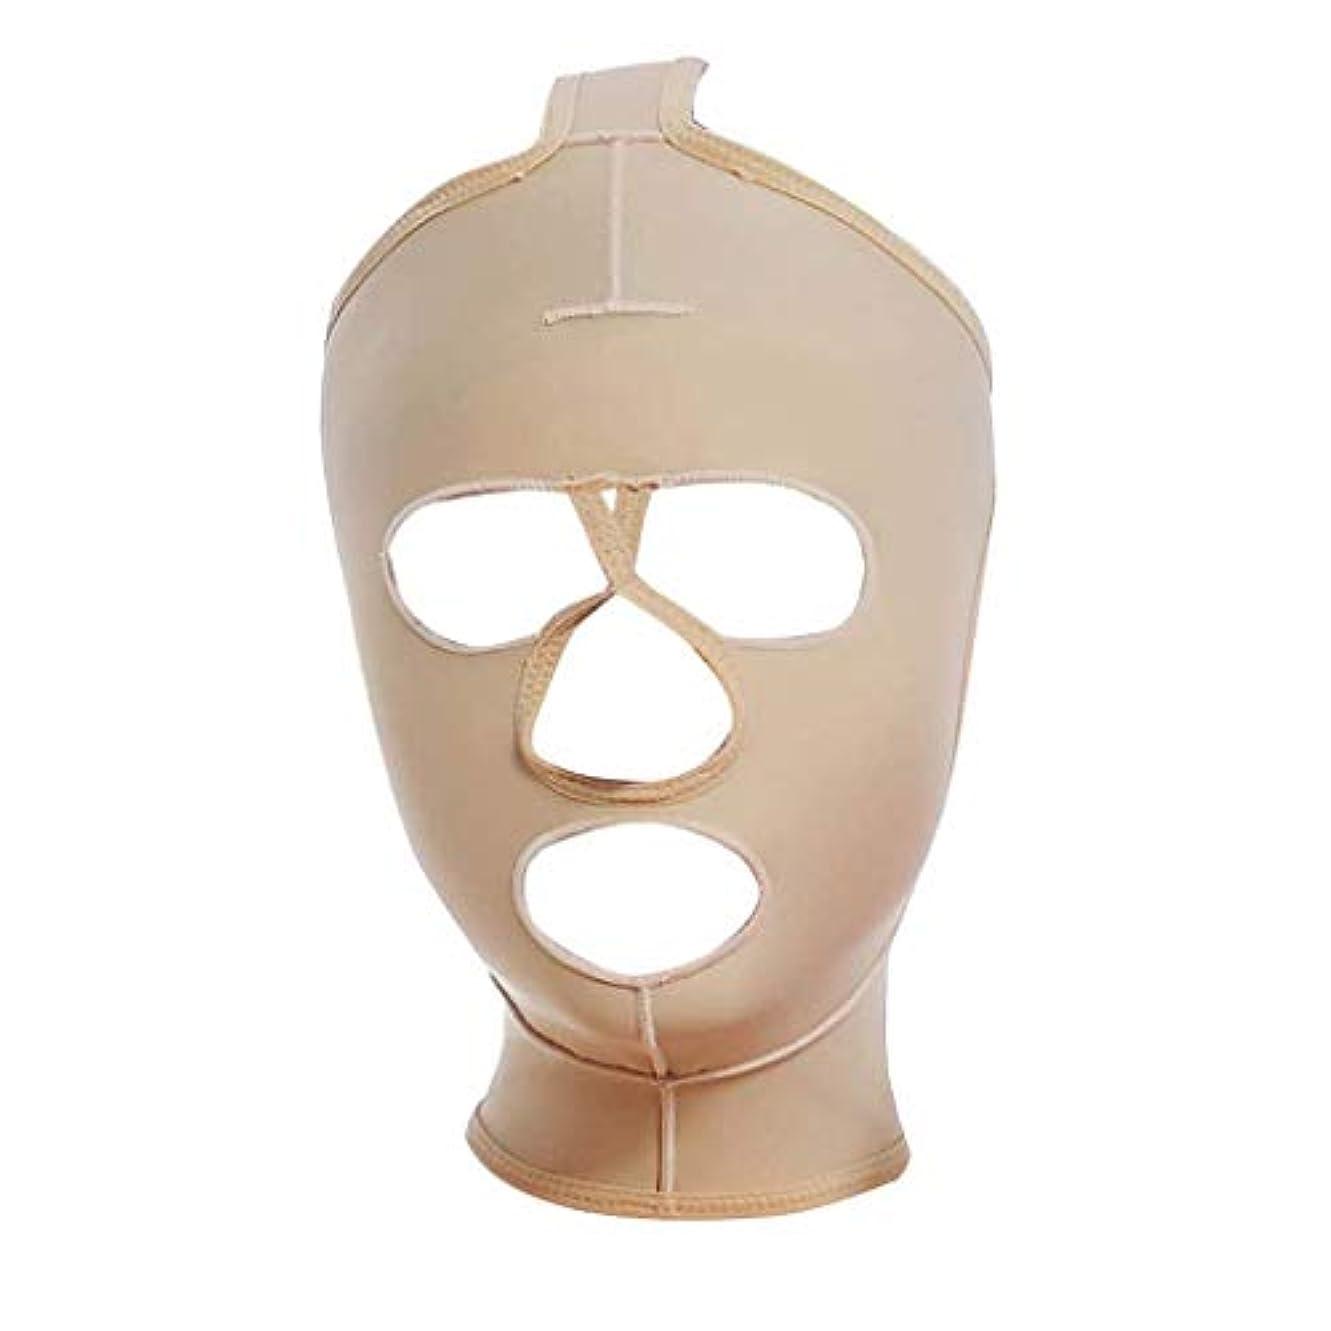 精度乞食メロディーフェイスアンドネックリフト、減量フェイスマスク脂肪吸引術脂肪吸引術シェーピングマスクフードフェイスリフティングアーティファクトVフェイスビームフェイス弾性スリーブ(サイズ:Xl)